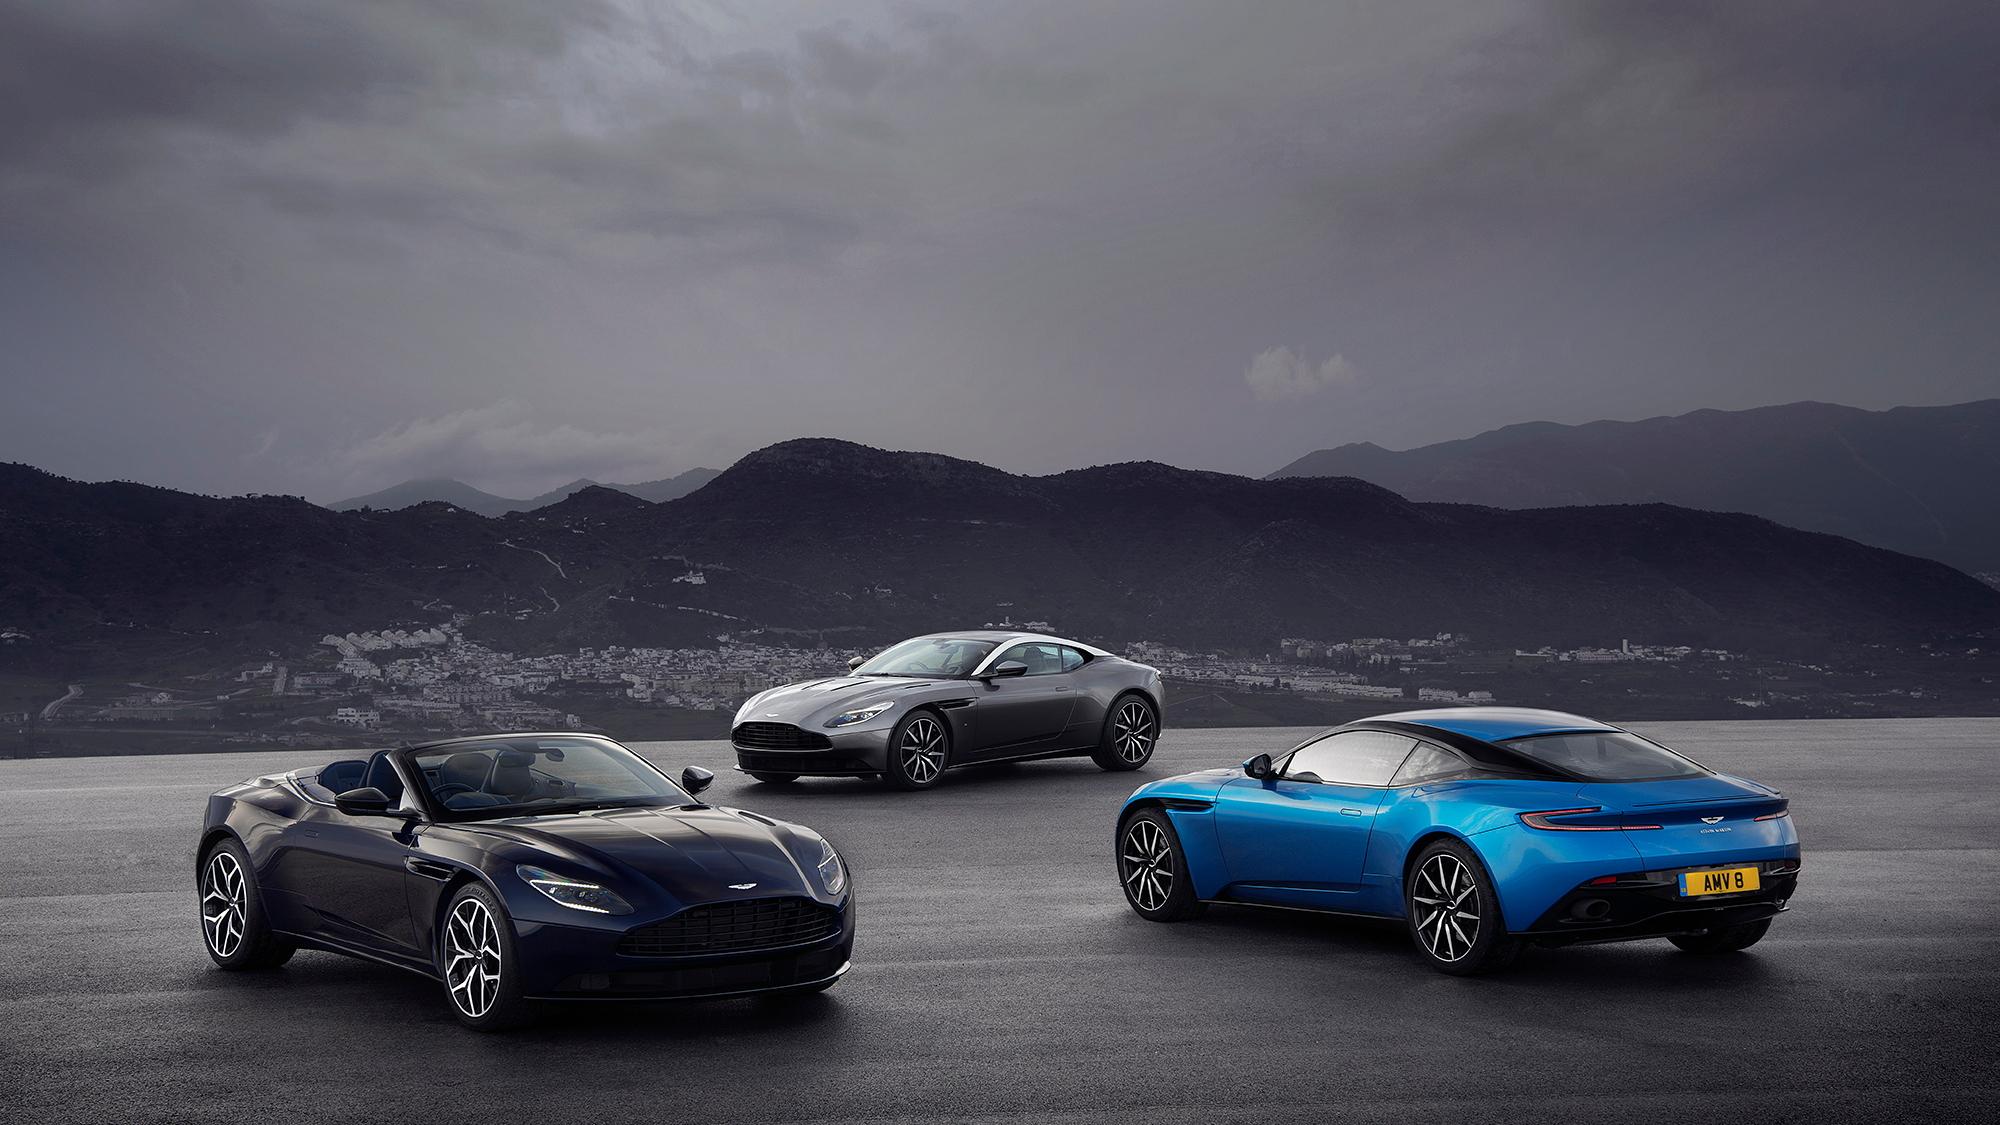 Aston Martin DB11 family